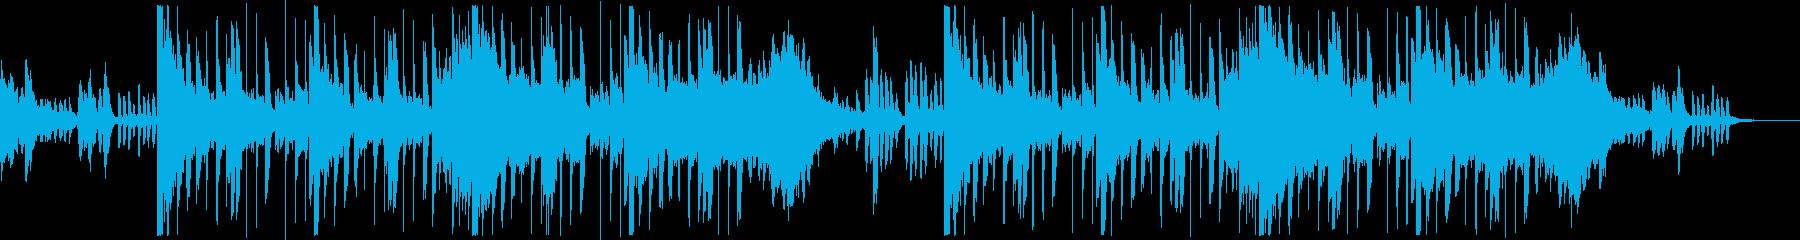 ダーク&派手な映画サウンドトラックの再生済みの波形